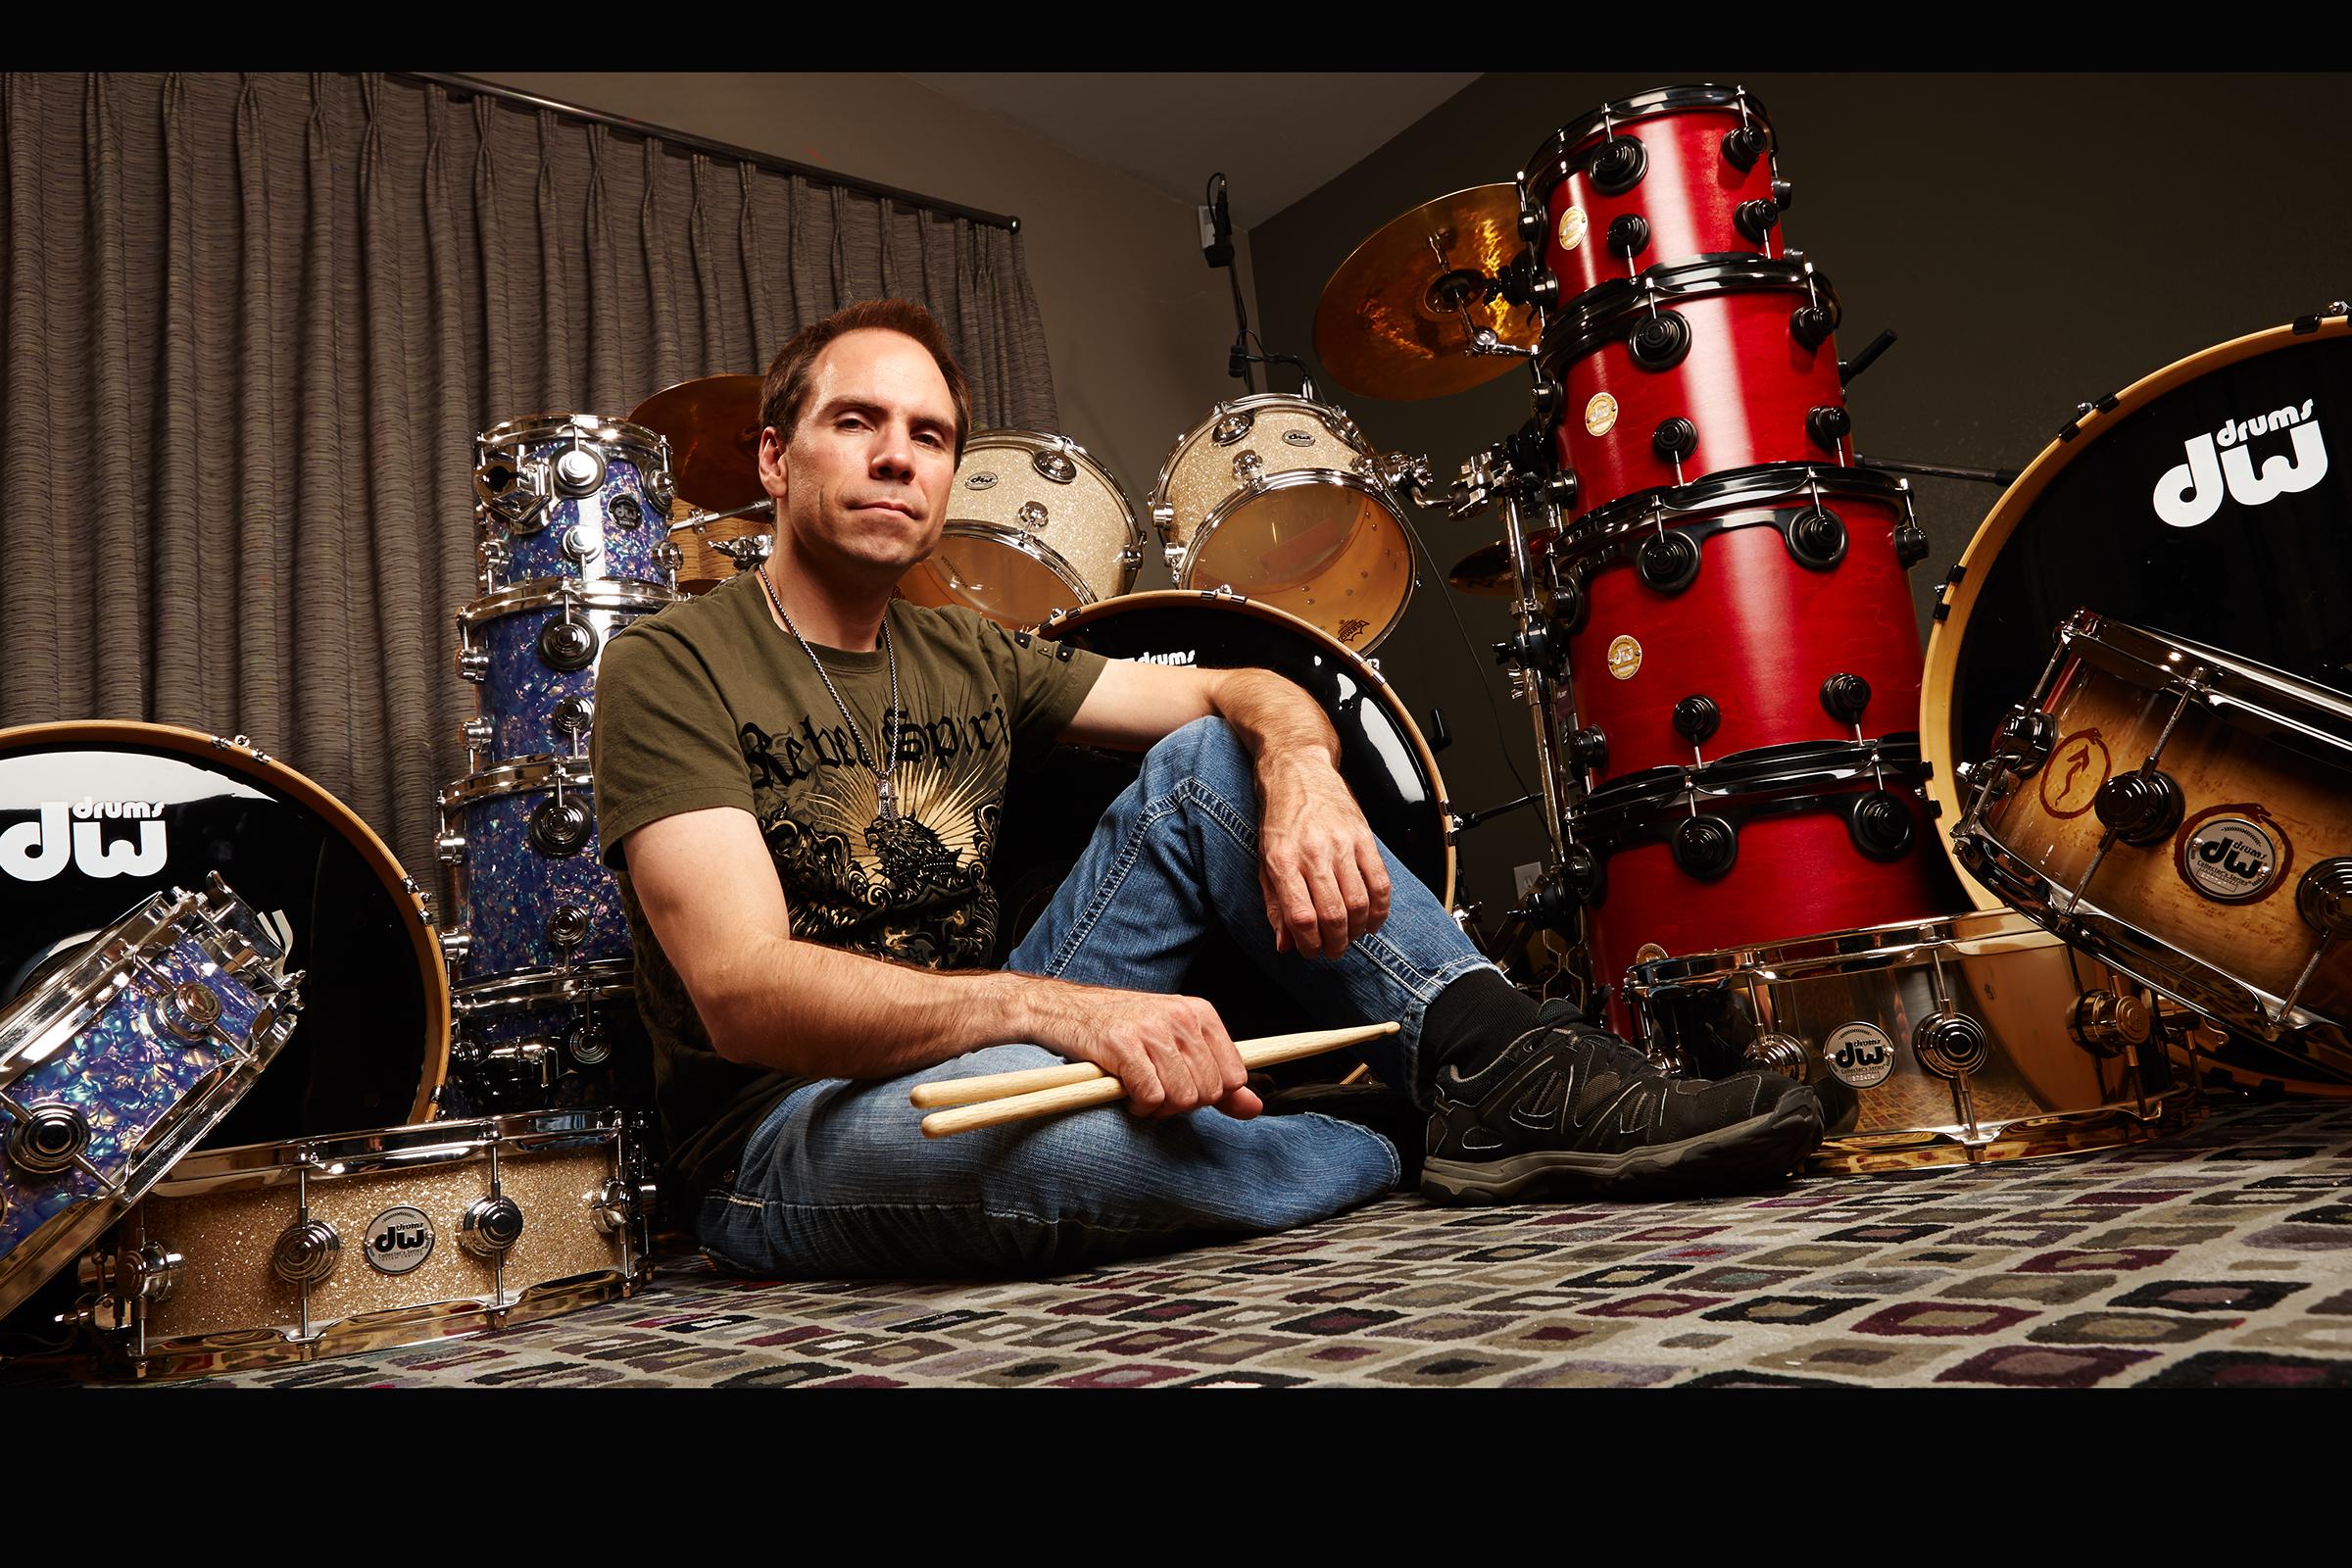 Shreddage Drums VST sessions for Impact Soundworks - Arsenal of Drum Workshop Inc. (DW Drums) Kits!